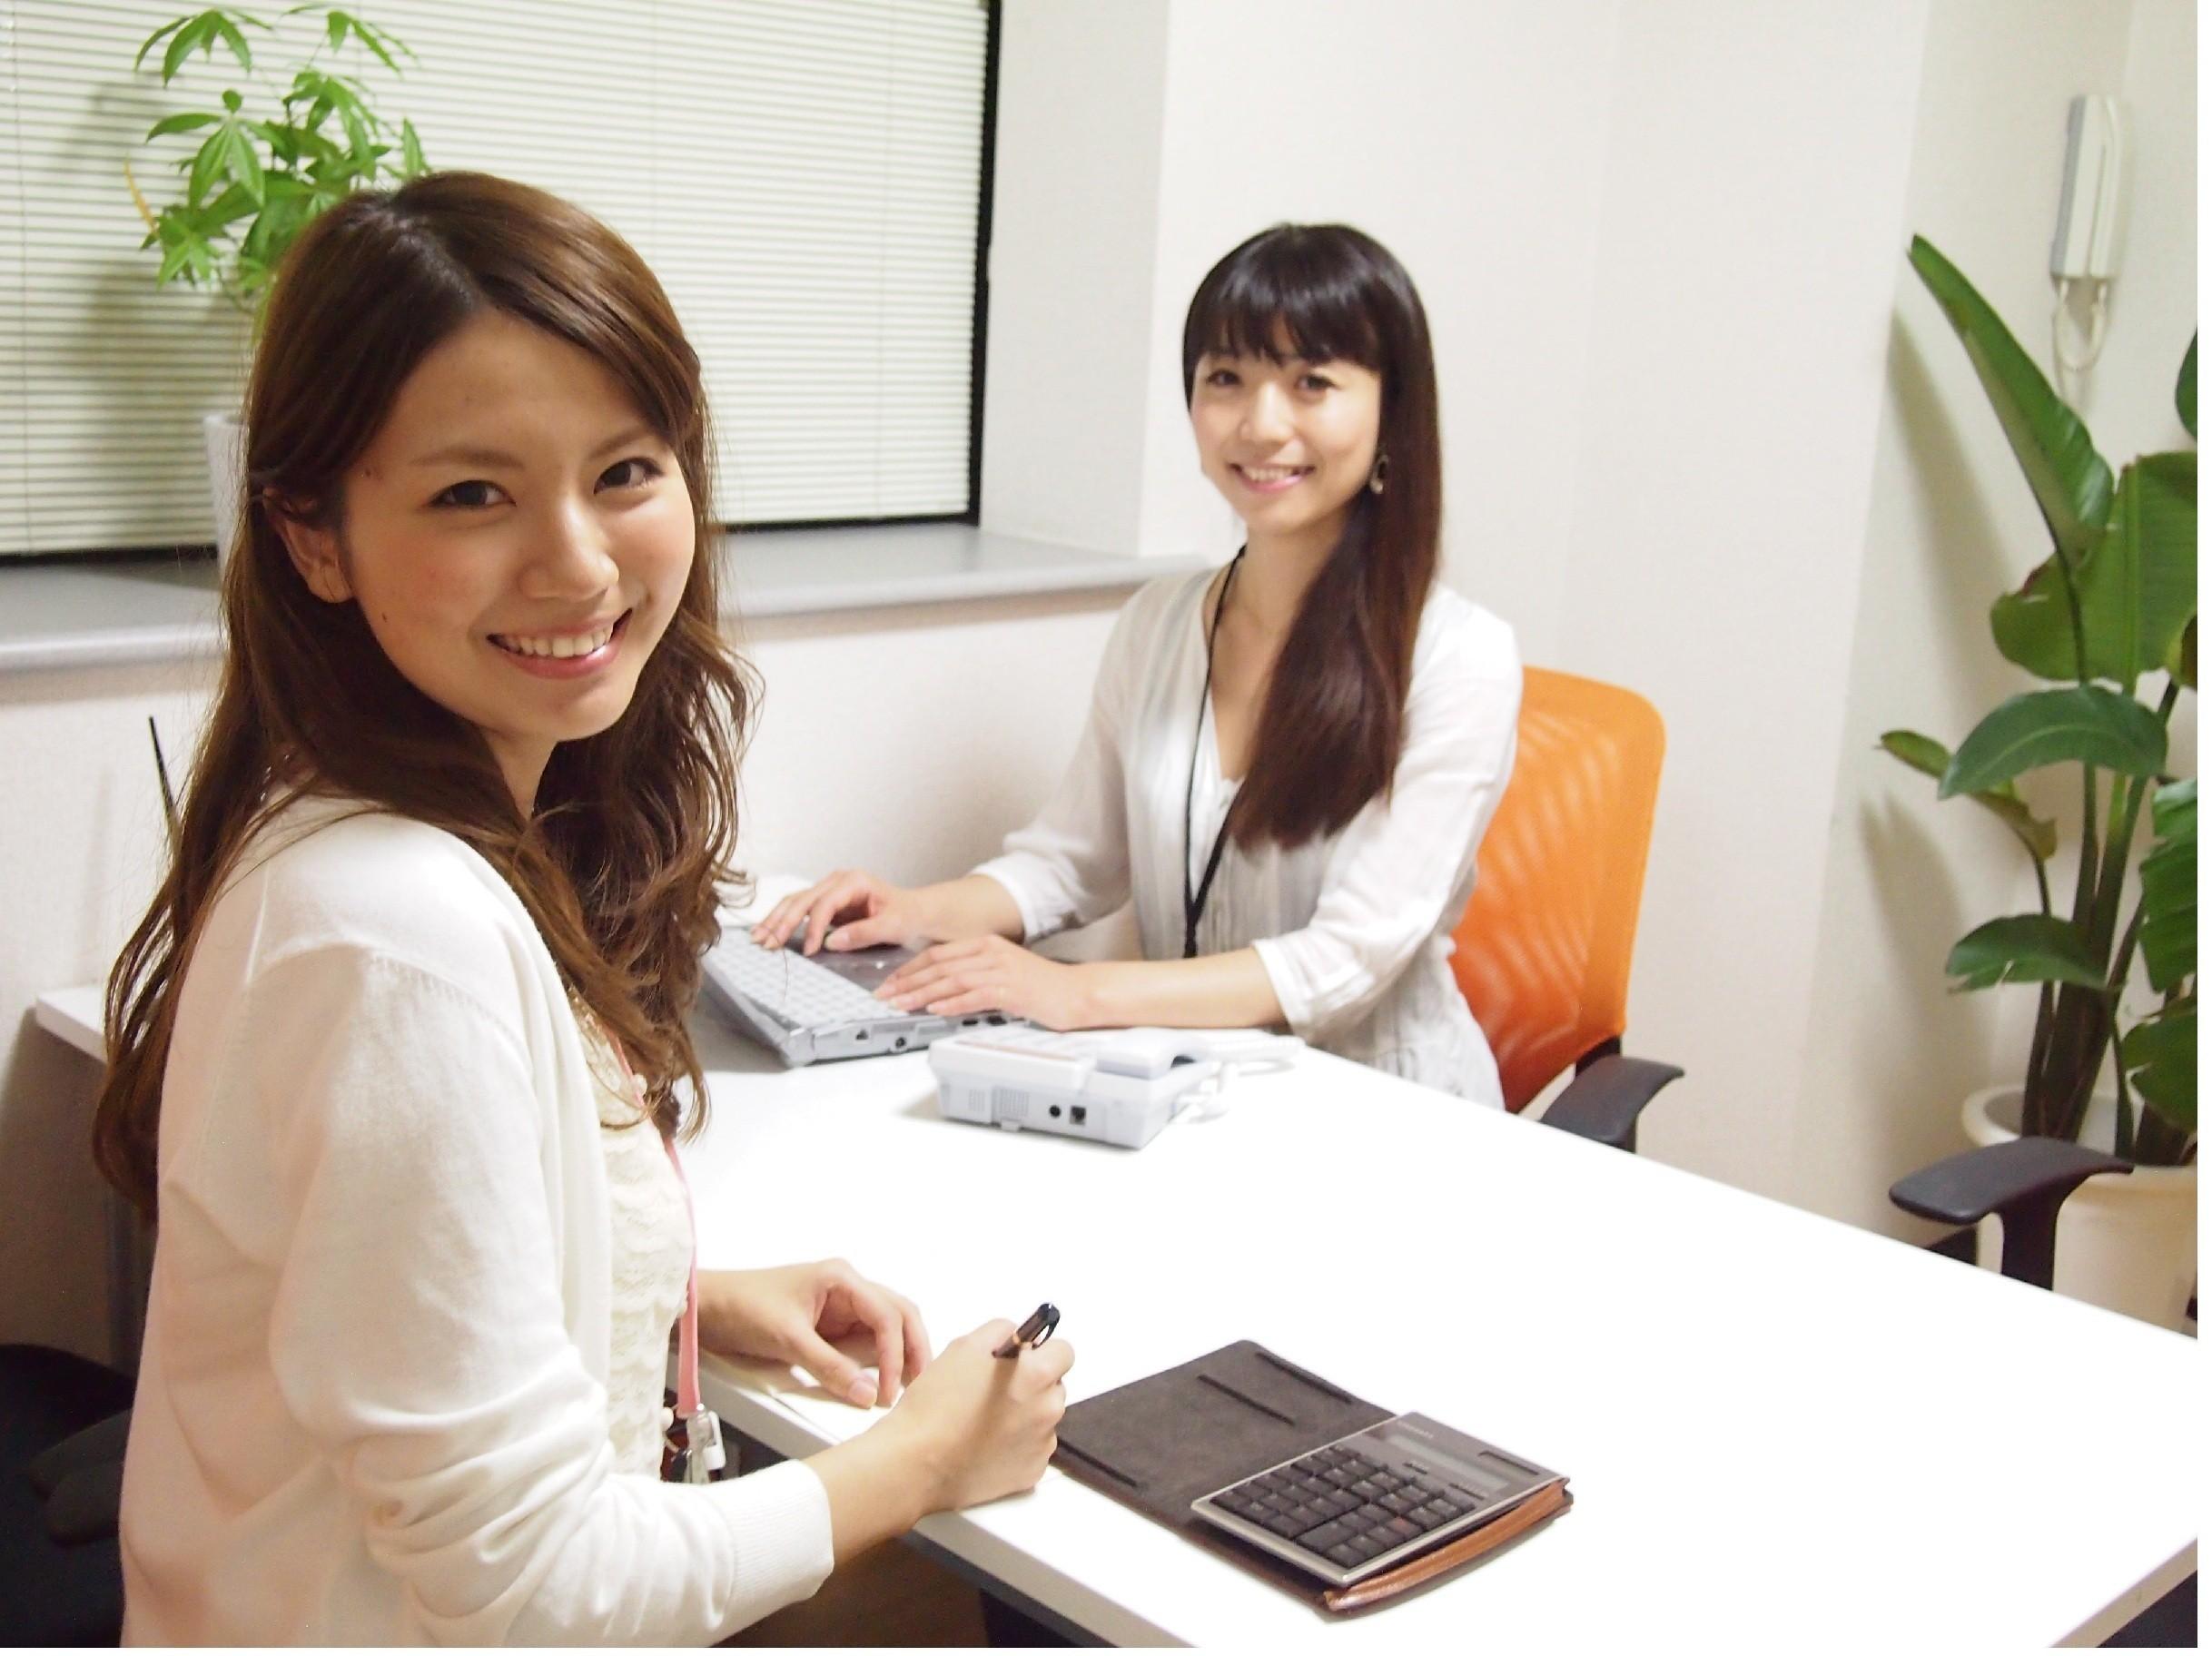 大手テレビ局コールセンター :藤沢 のアルバイト情報